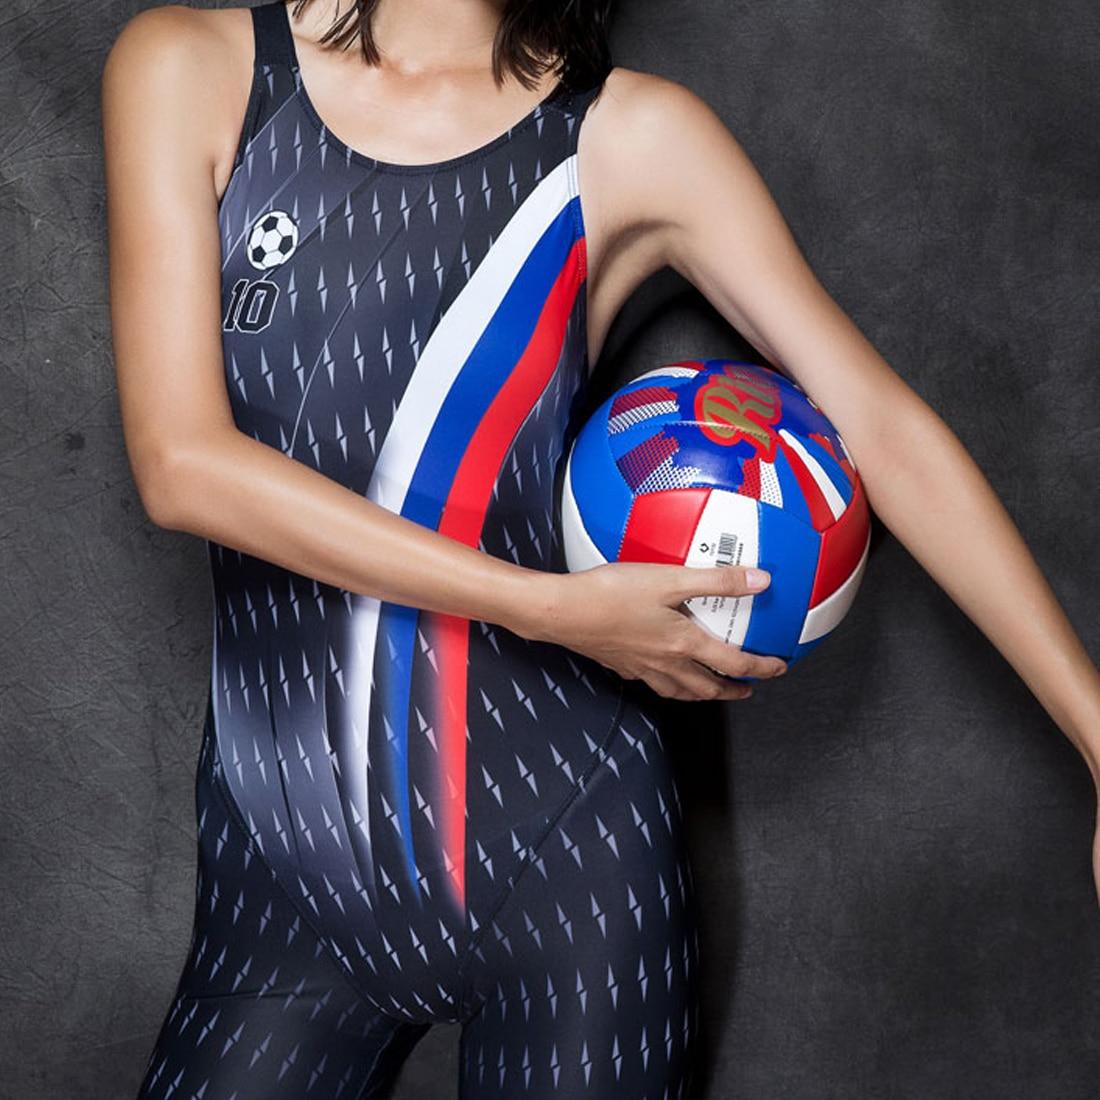 maillot de bain 2018 women swimwear sport plus size bathing suit push up swim beach wear cross